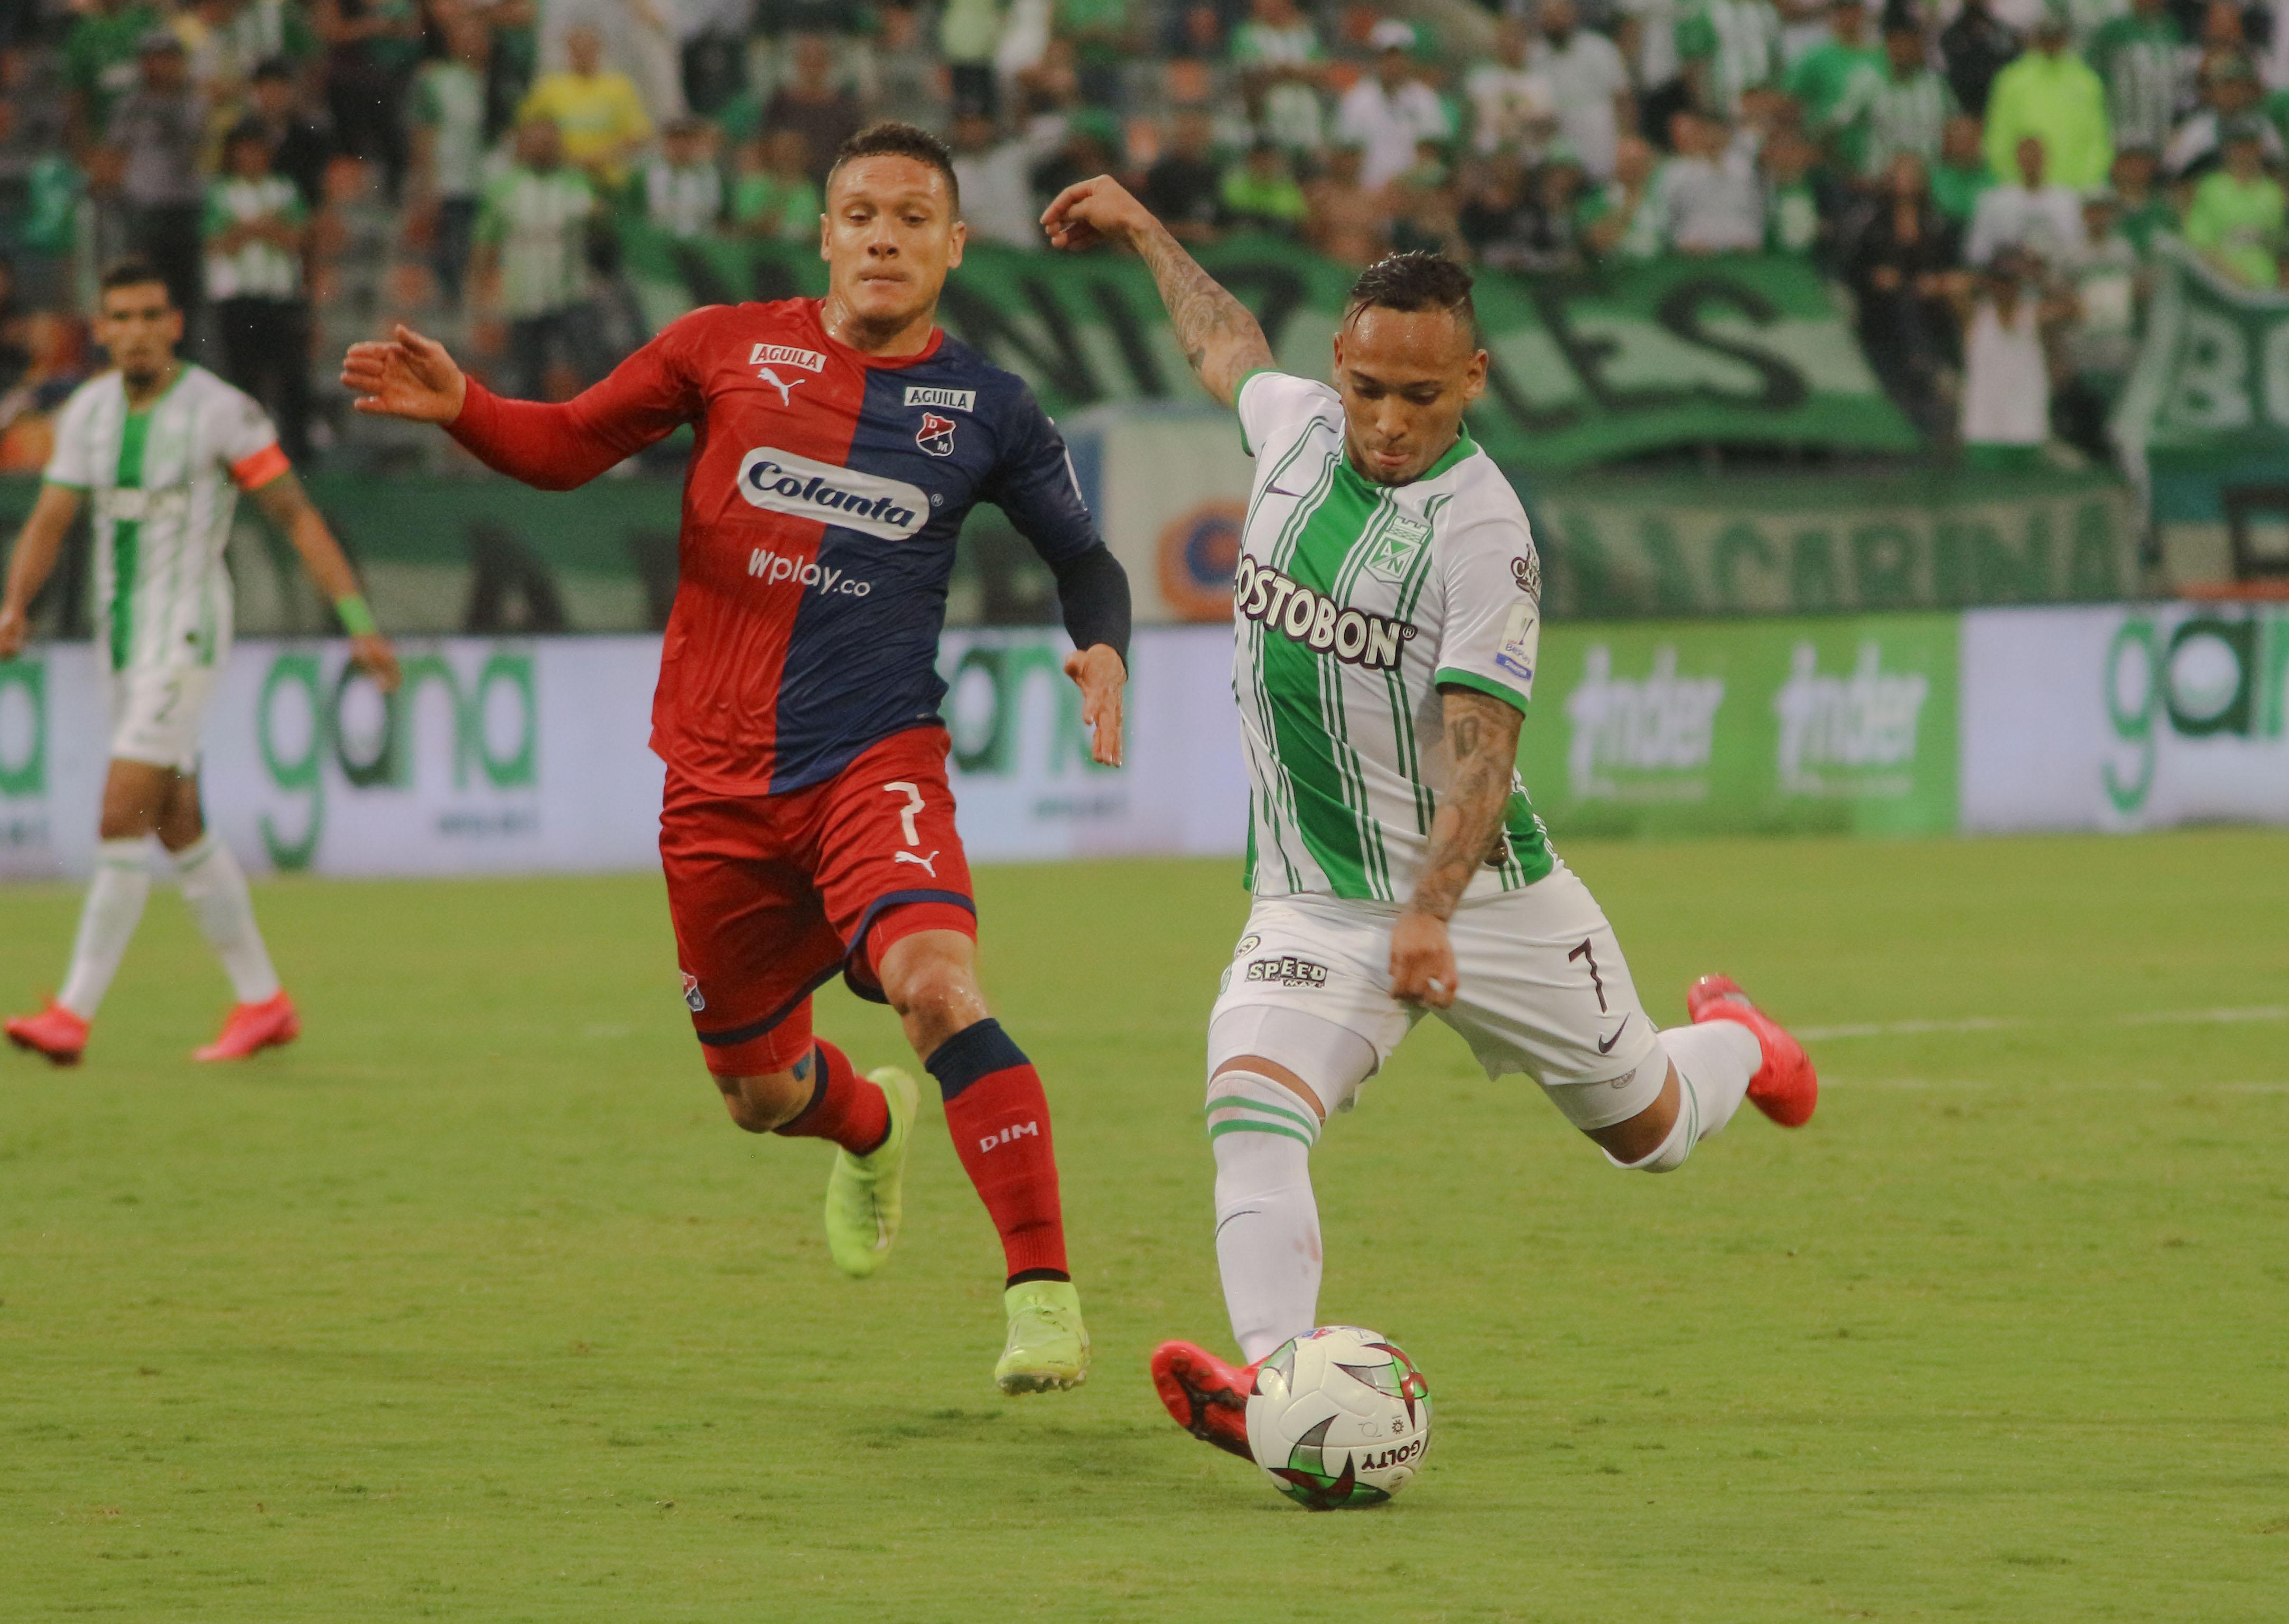 win_sports_baja_precio_premium_futbol_colombiano_2020_balon_central